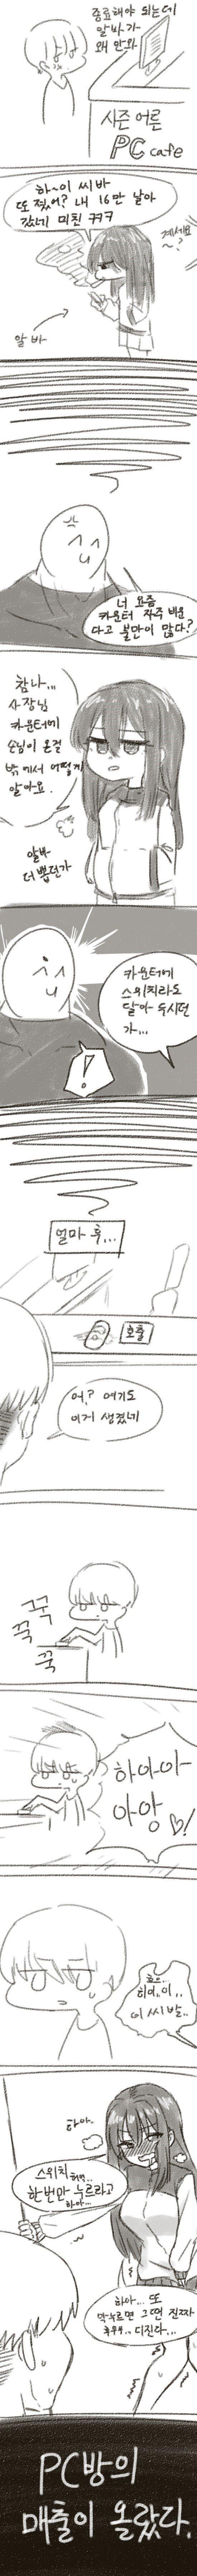 ㅇㅎ) 건방진 PC방 알바가 매출 올려주는 만화.manhwa